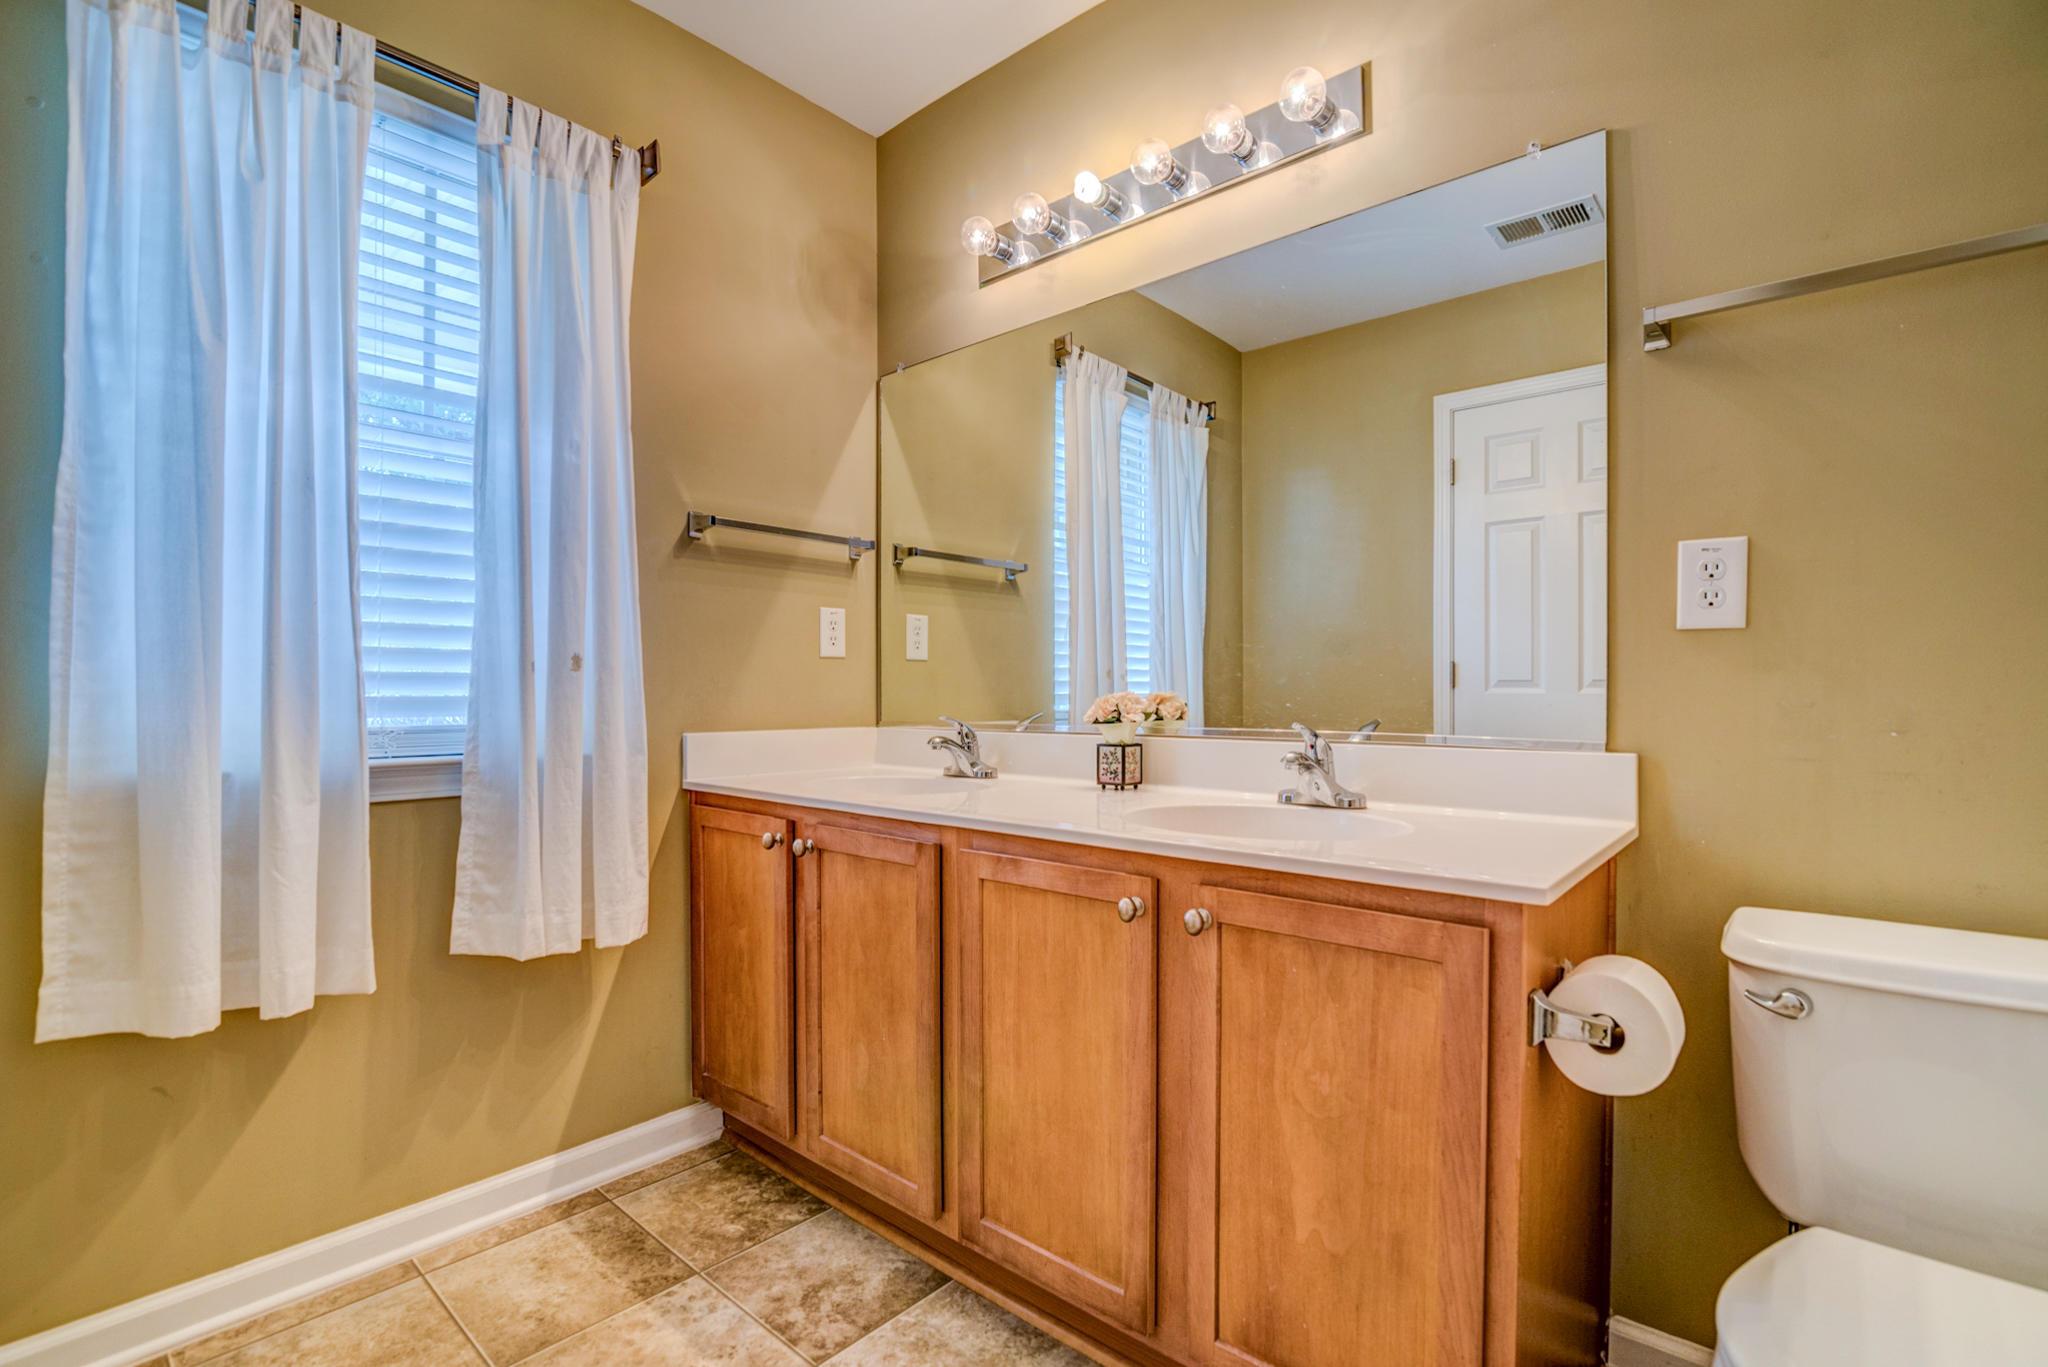 Park West Homes For Sale - 3001 Parkwest, Mount Pleasant, SC - 8